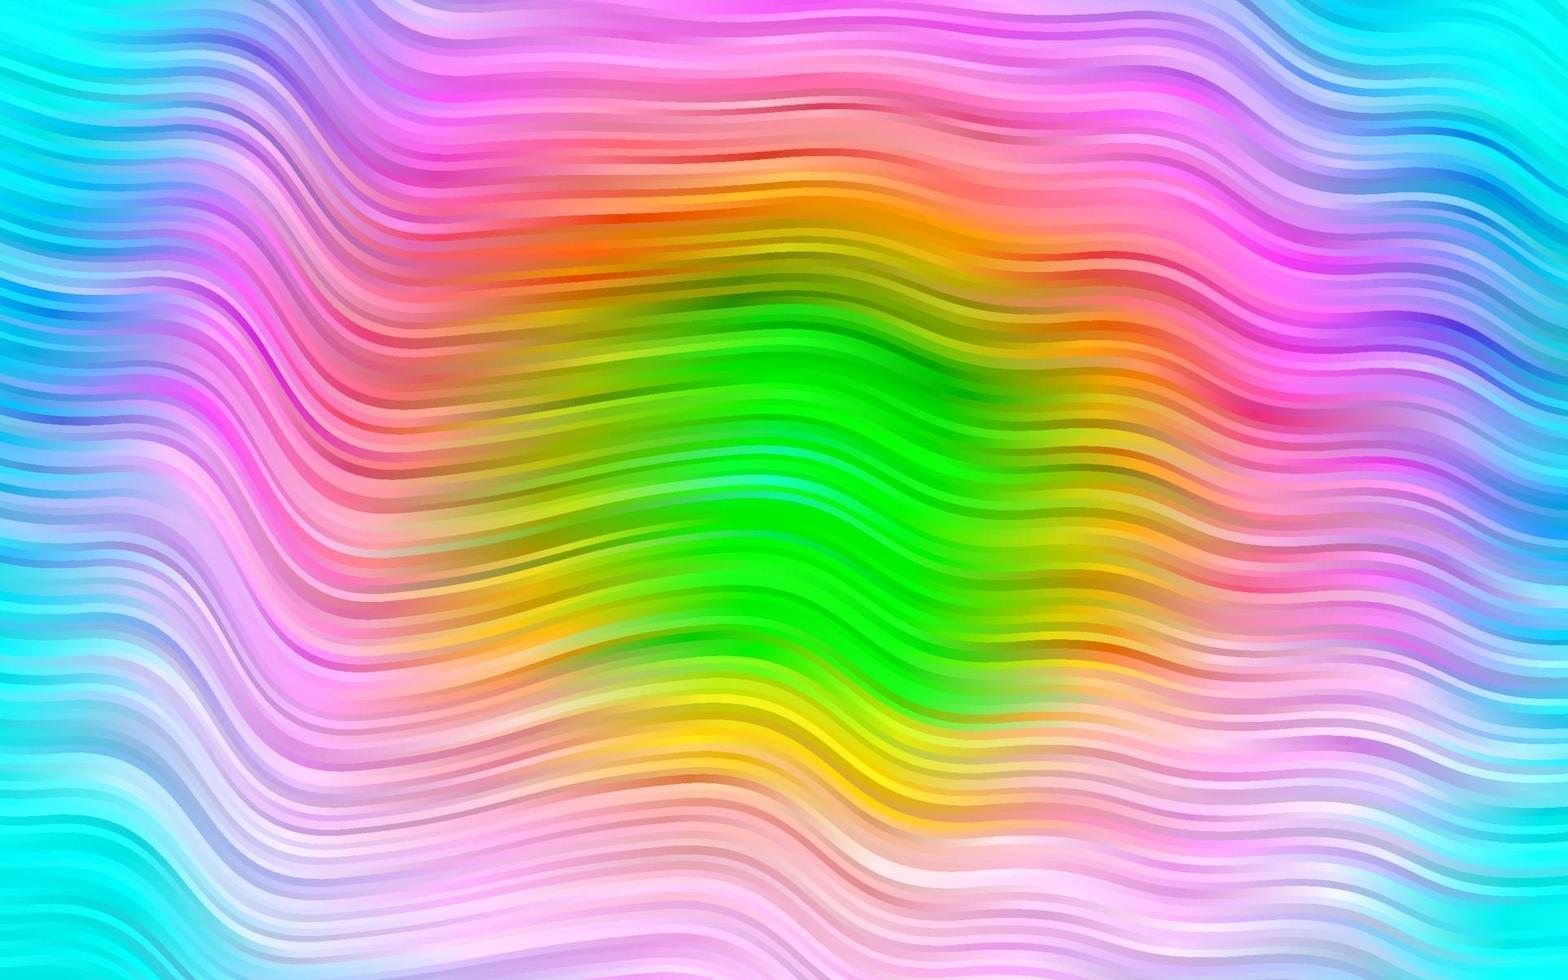 luz multicolorida, fundo do vetor do arco-íris com formas de bolha.